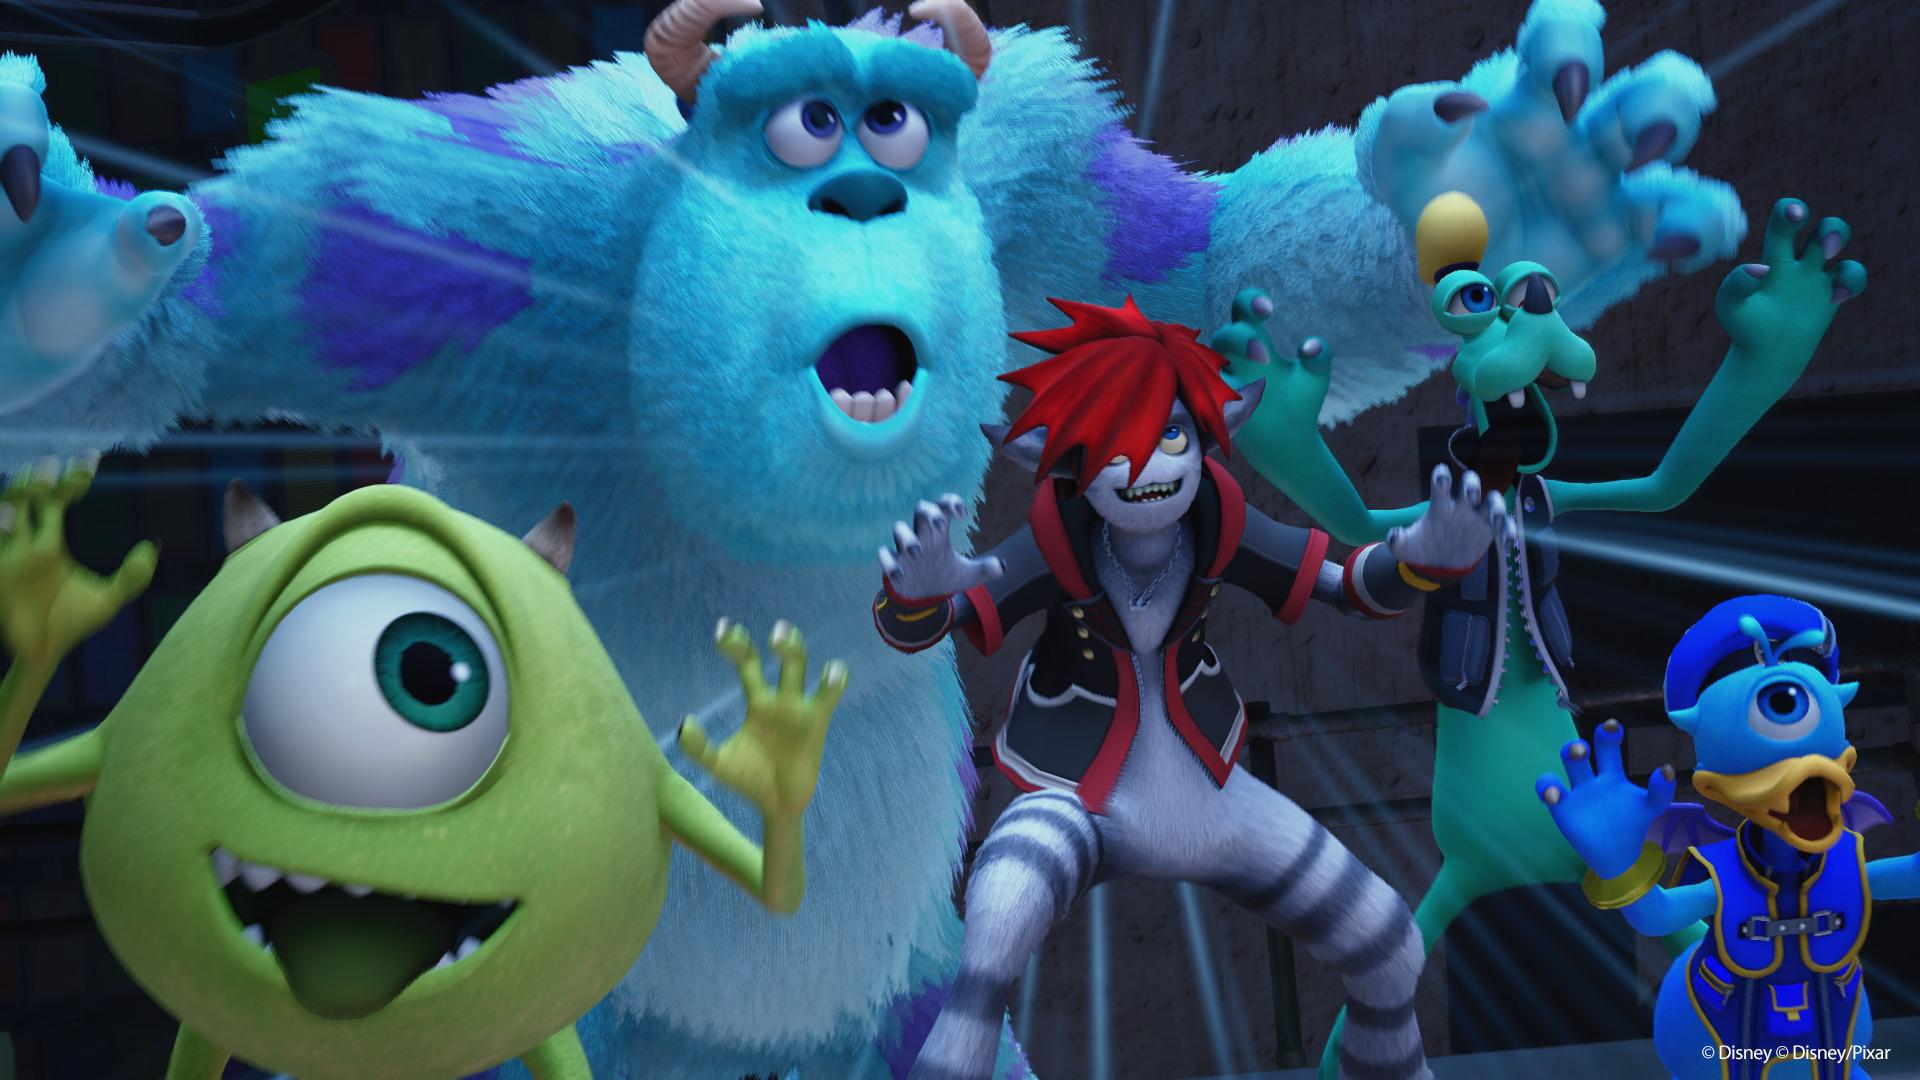 Kingdom Hearts 3 Director Teases Limitless Ending Huge Worlds At D23